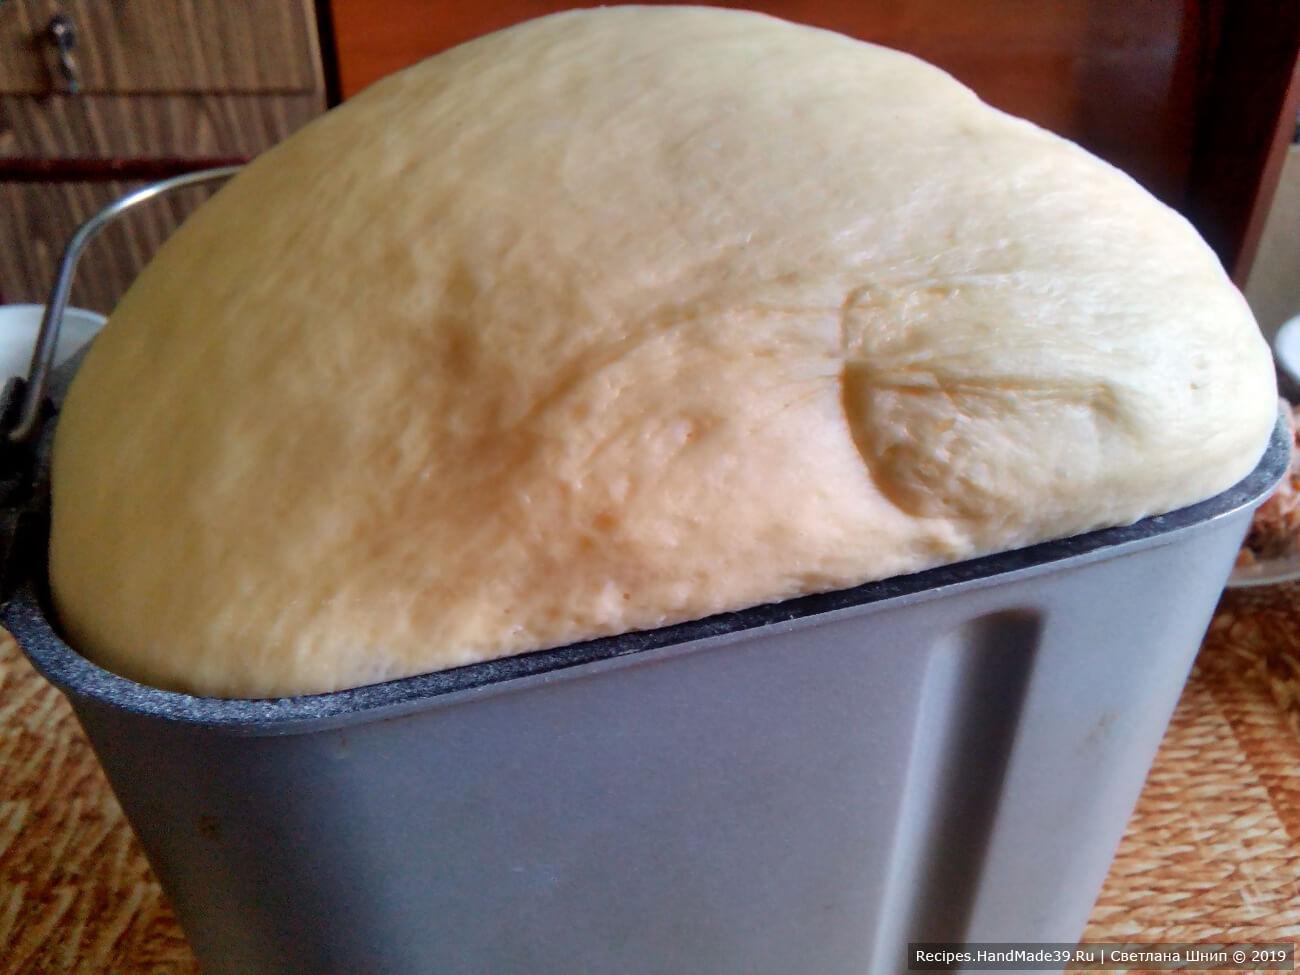 Из перечисленных продуктов в хлебопечке приготовить тесто. Засыпать сначала жидкие продукты, потом сухие